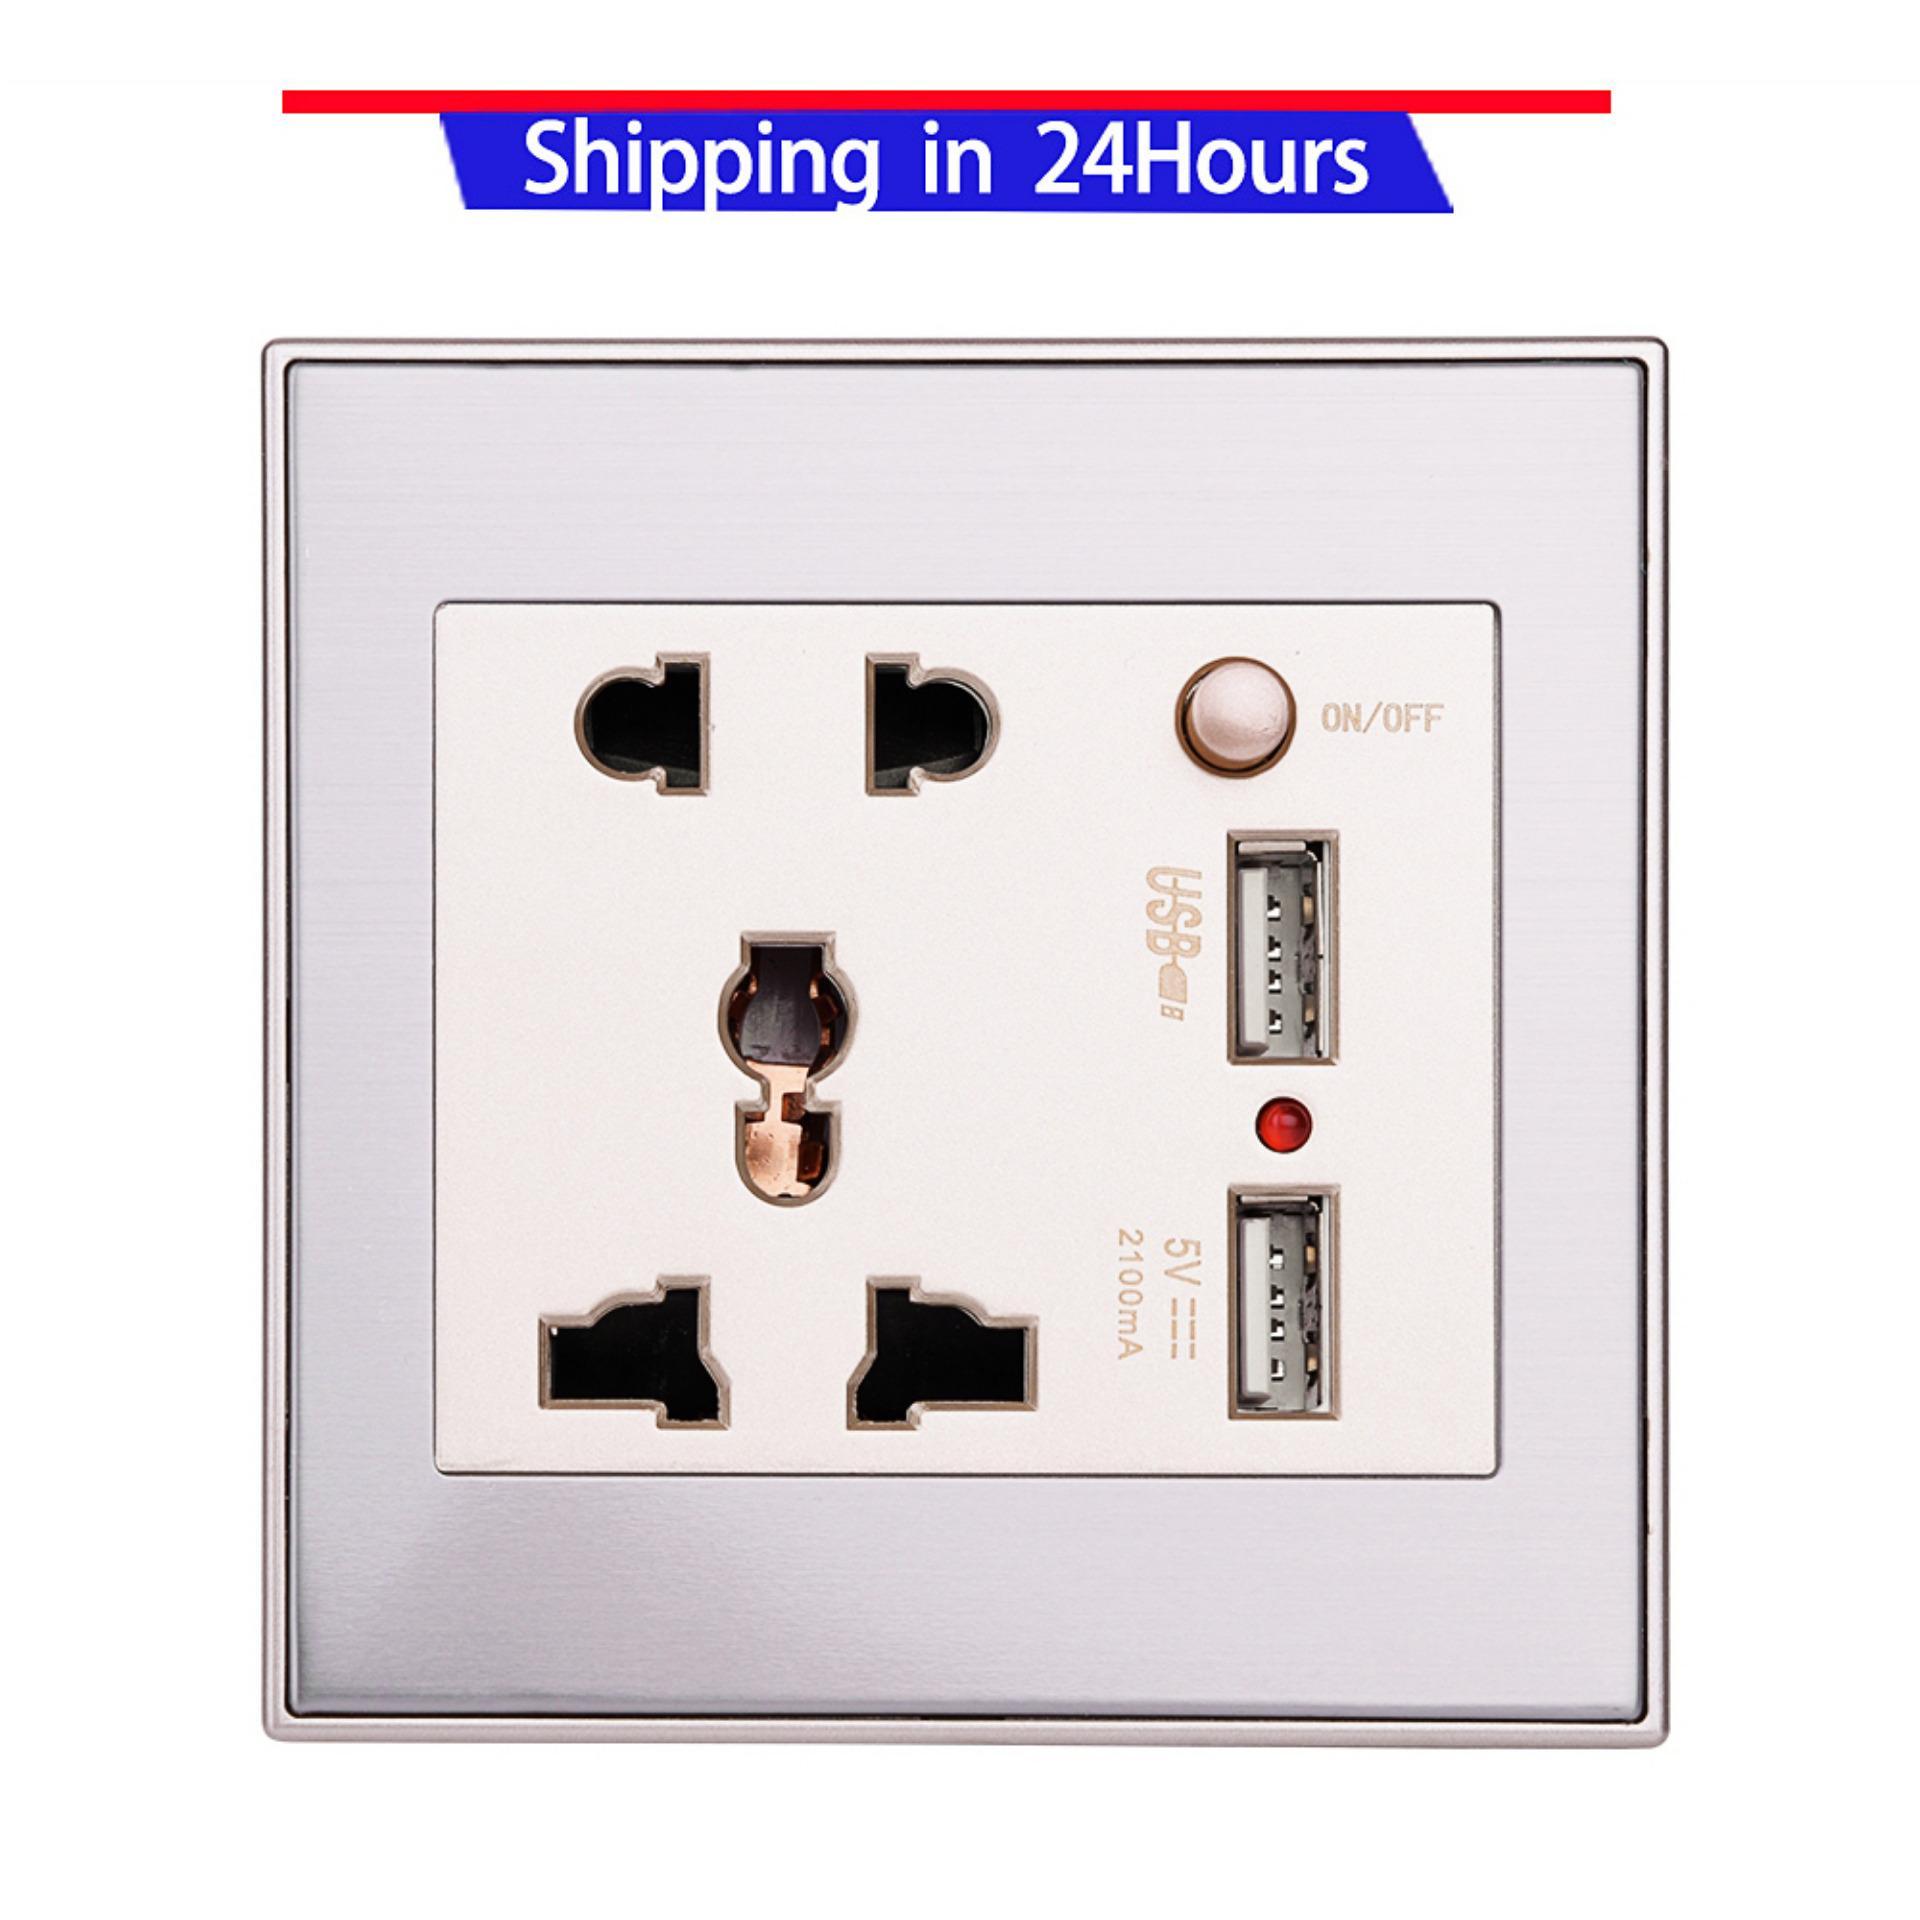 Hình ảnh 10A Đa Năng Dual USB Ổ điện Bảng AC 110-265 v Ổ Cắm Sạc Điện có Công Tắc thay thế chất liệu silicone dùng cho Đồng Hồ thông minh apple iwatch series 1 series 2